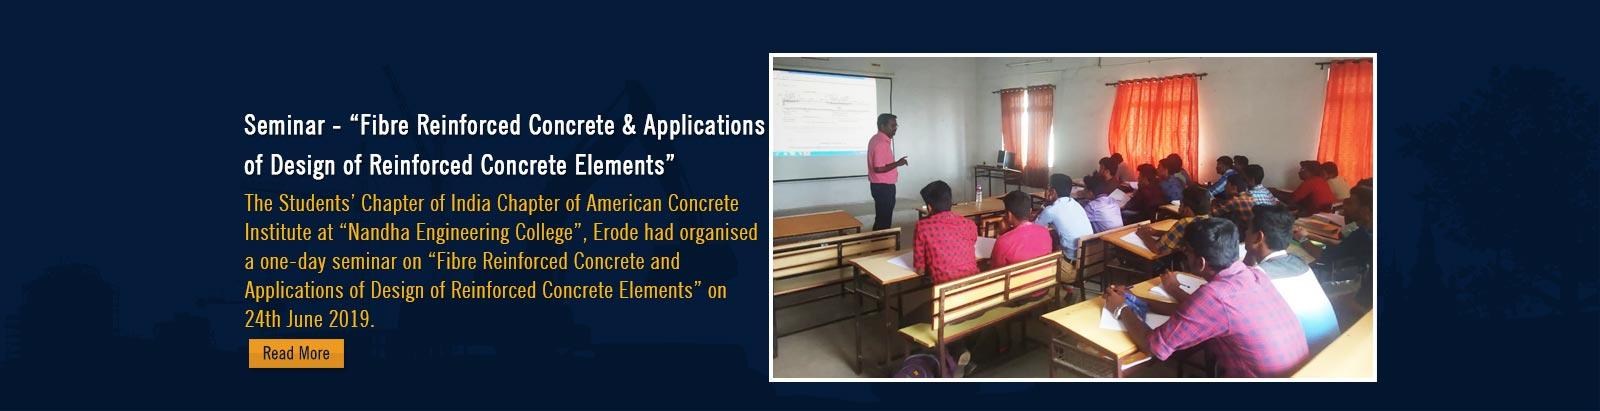 Nandha-seminar-slide